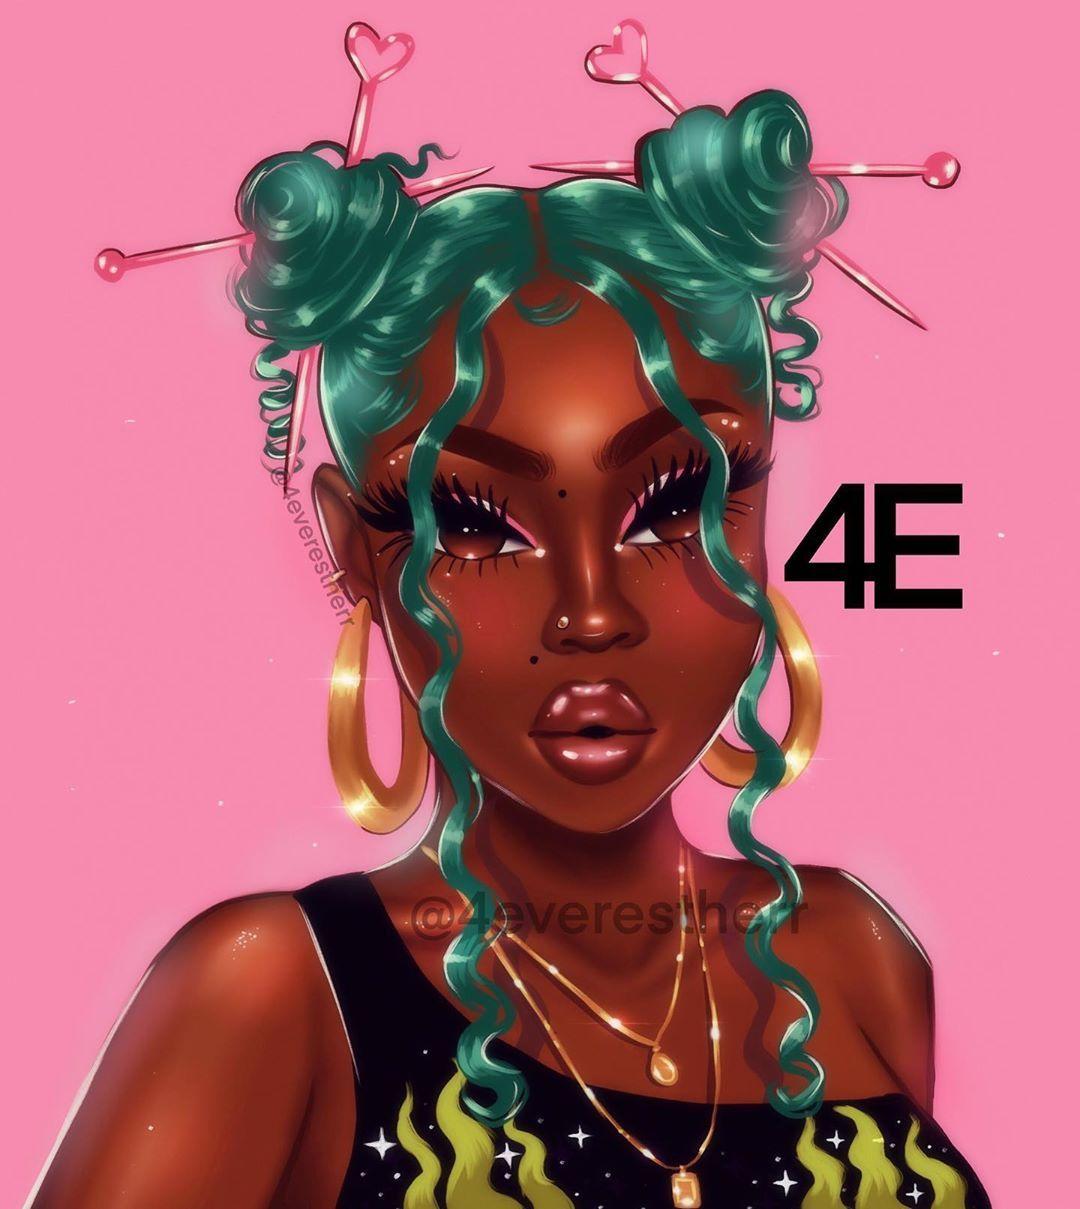 """Estherr La Main D'or 💖💸🇨🇩🇨🇦 on Instagram: """"🐊Green """"n"""" pink 💕 I LOVE HER HAIR 💕  #illustration #drawing #art #artist #digitalart #digitalpainting🎨 #blackart #blackartist #cartoon…"""""""